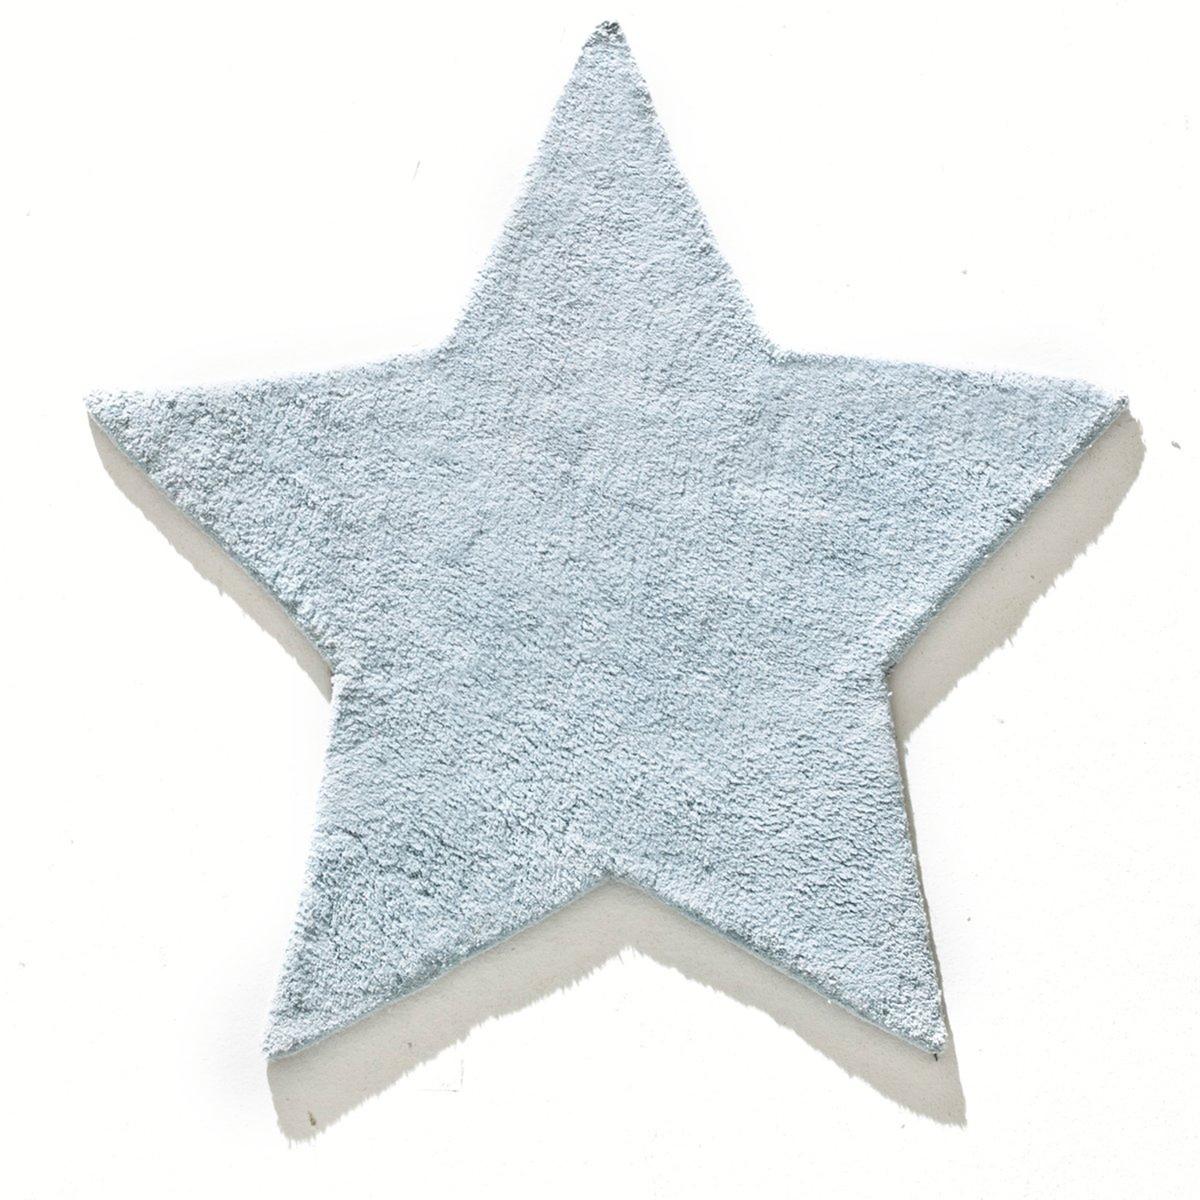 Ковер с ворсом для детской звезда, Zilius, 100% хлопка